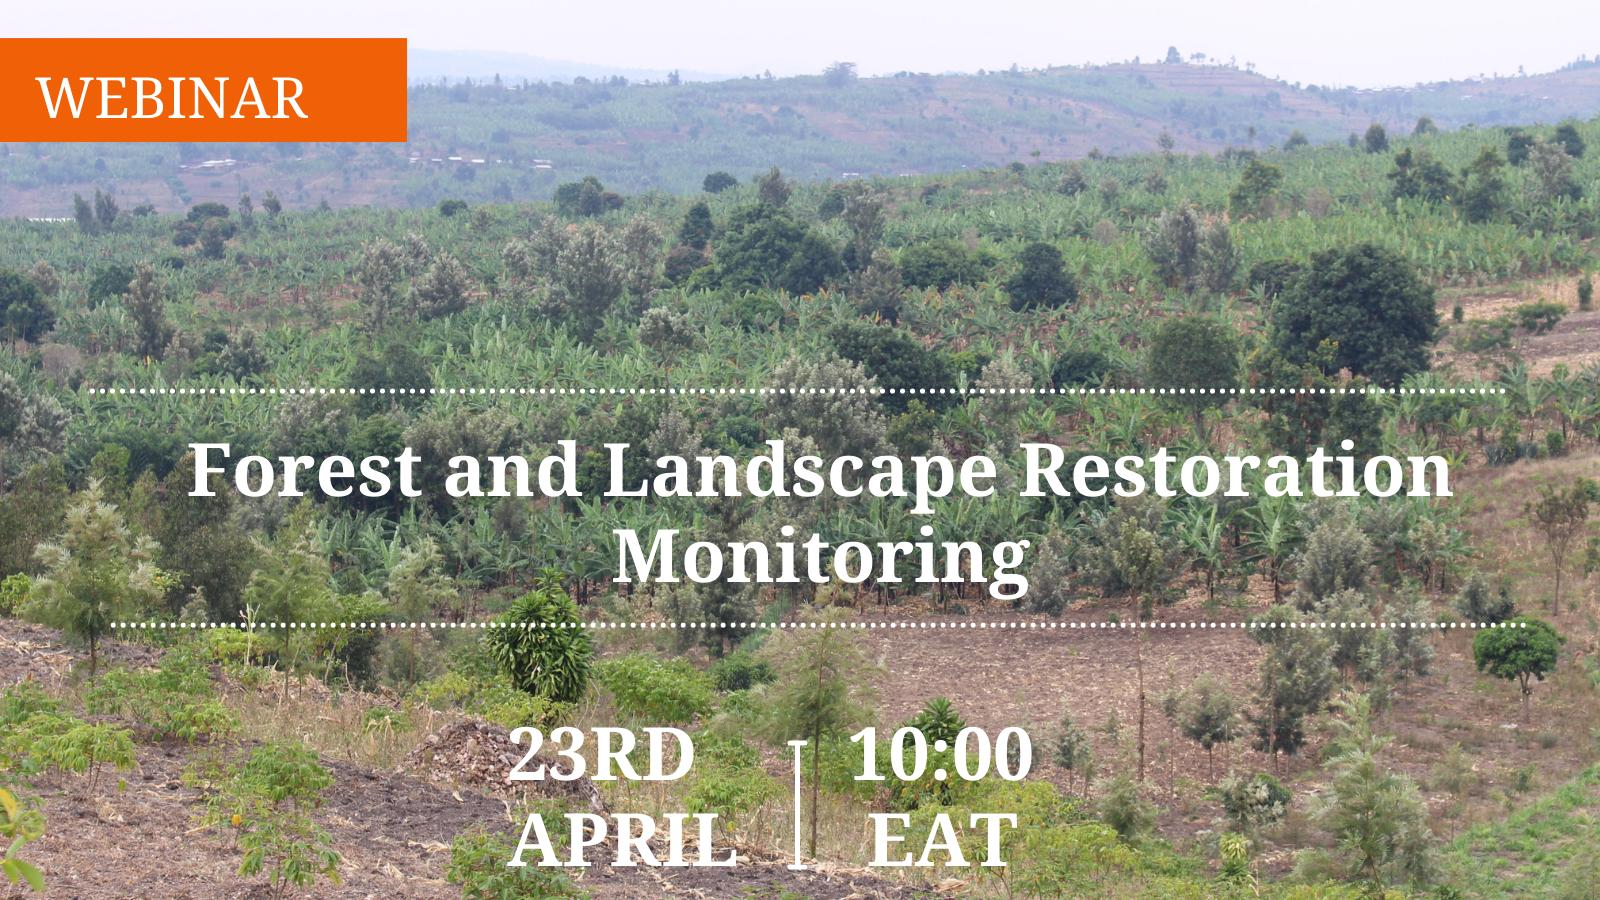 Forest and Landscape Restoration Monitoring Webinar